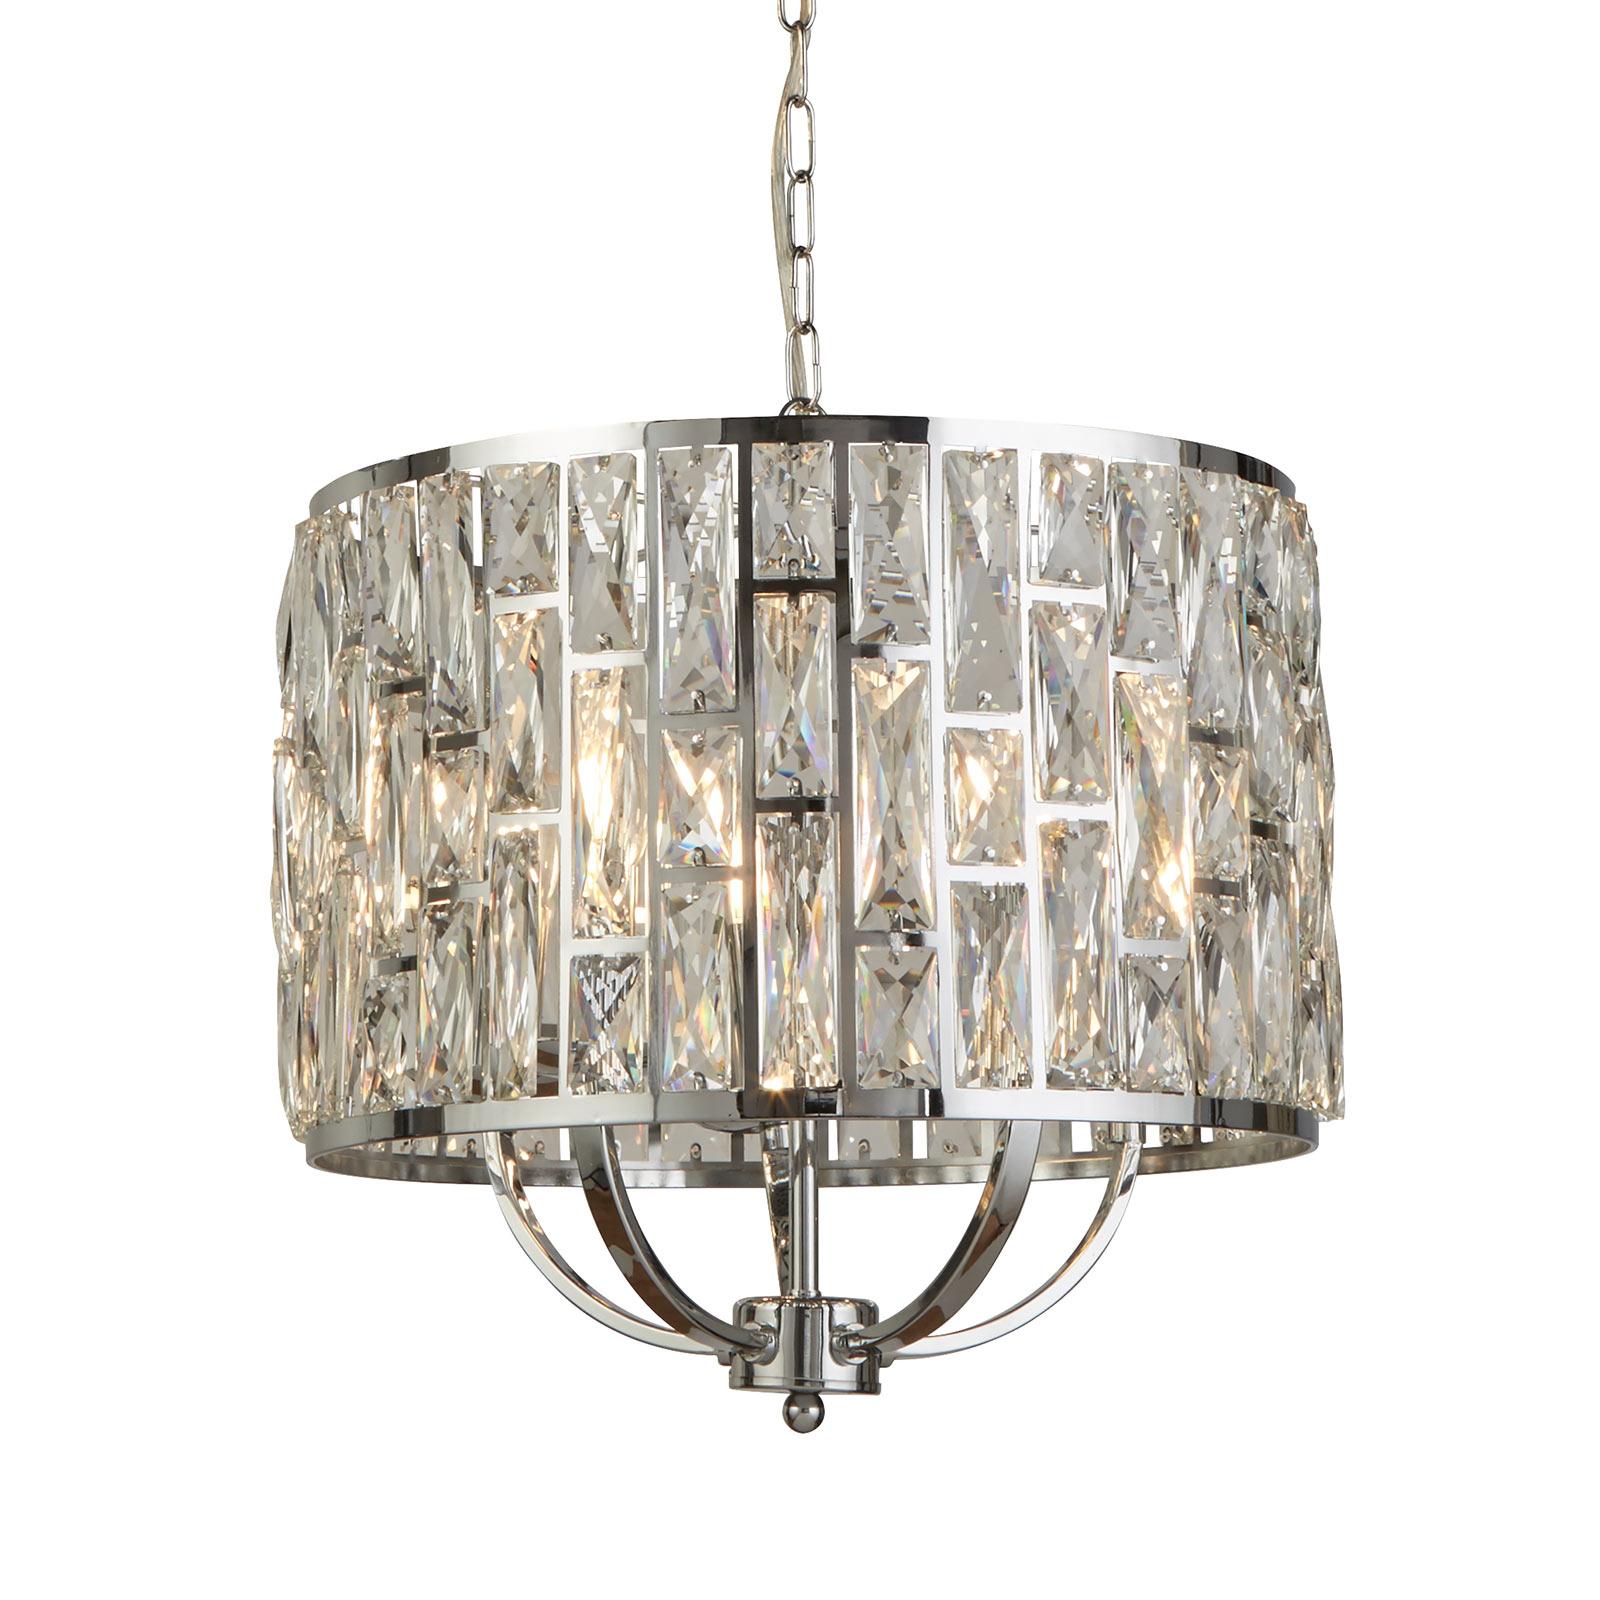 Lampa wisząca Bijou z kryształowym kloszem, Ø 44cm